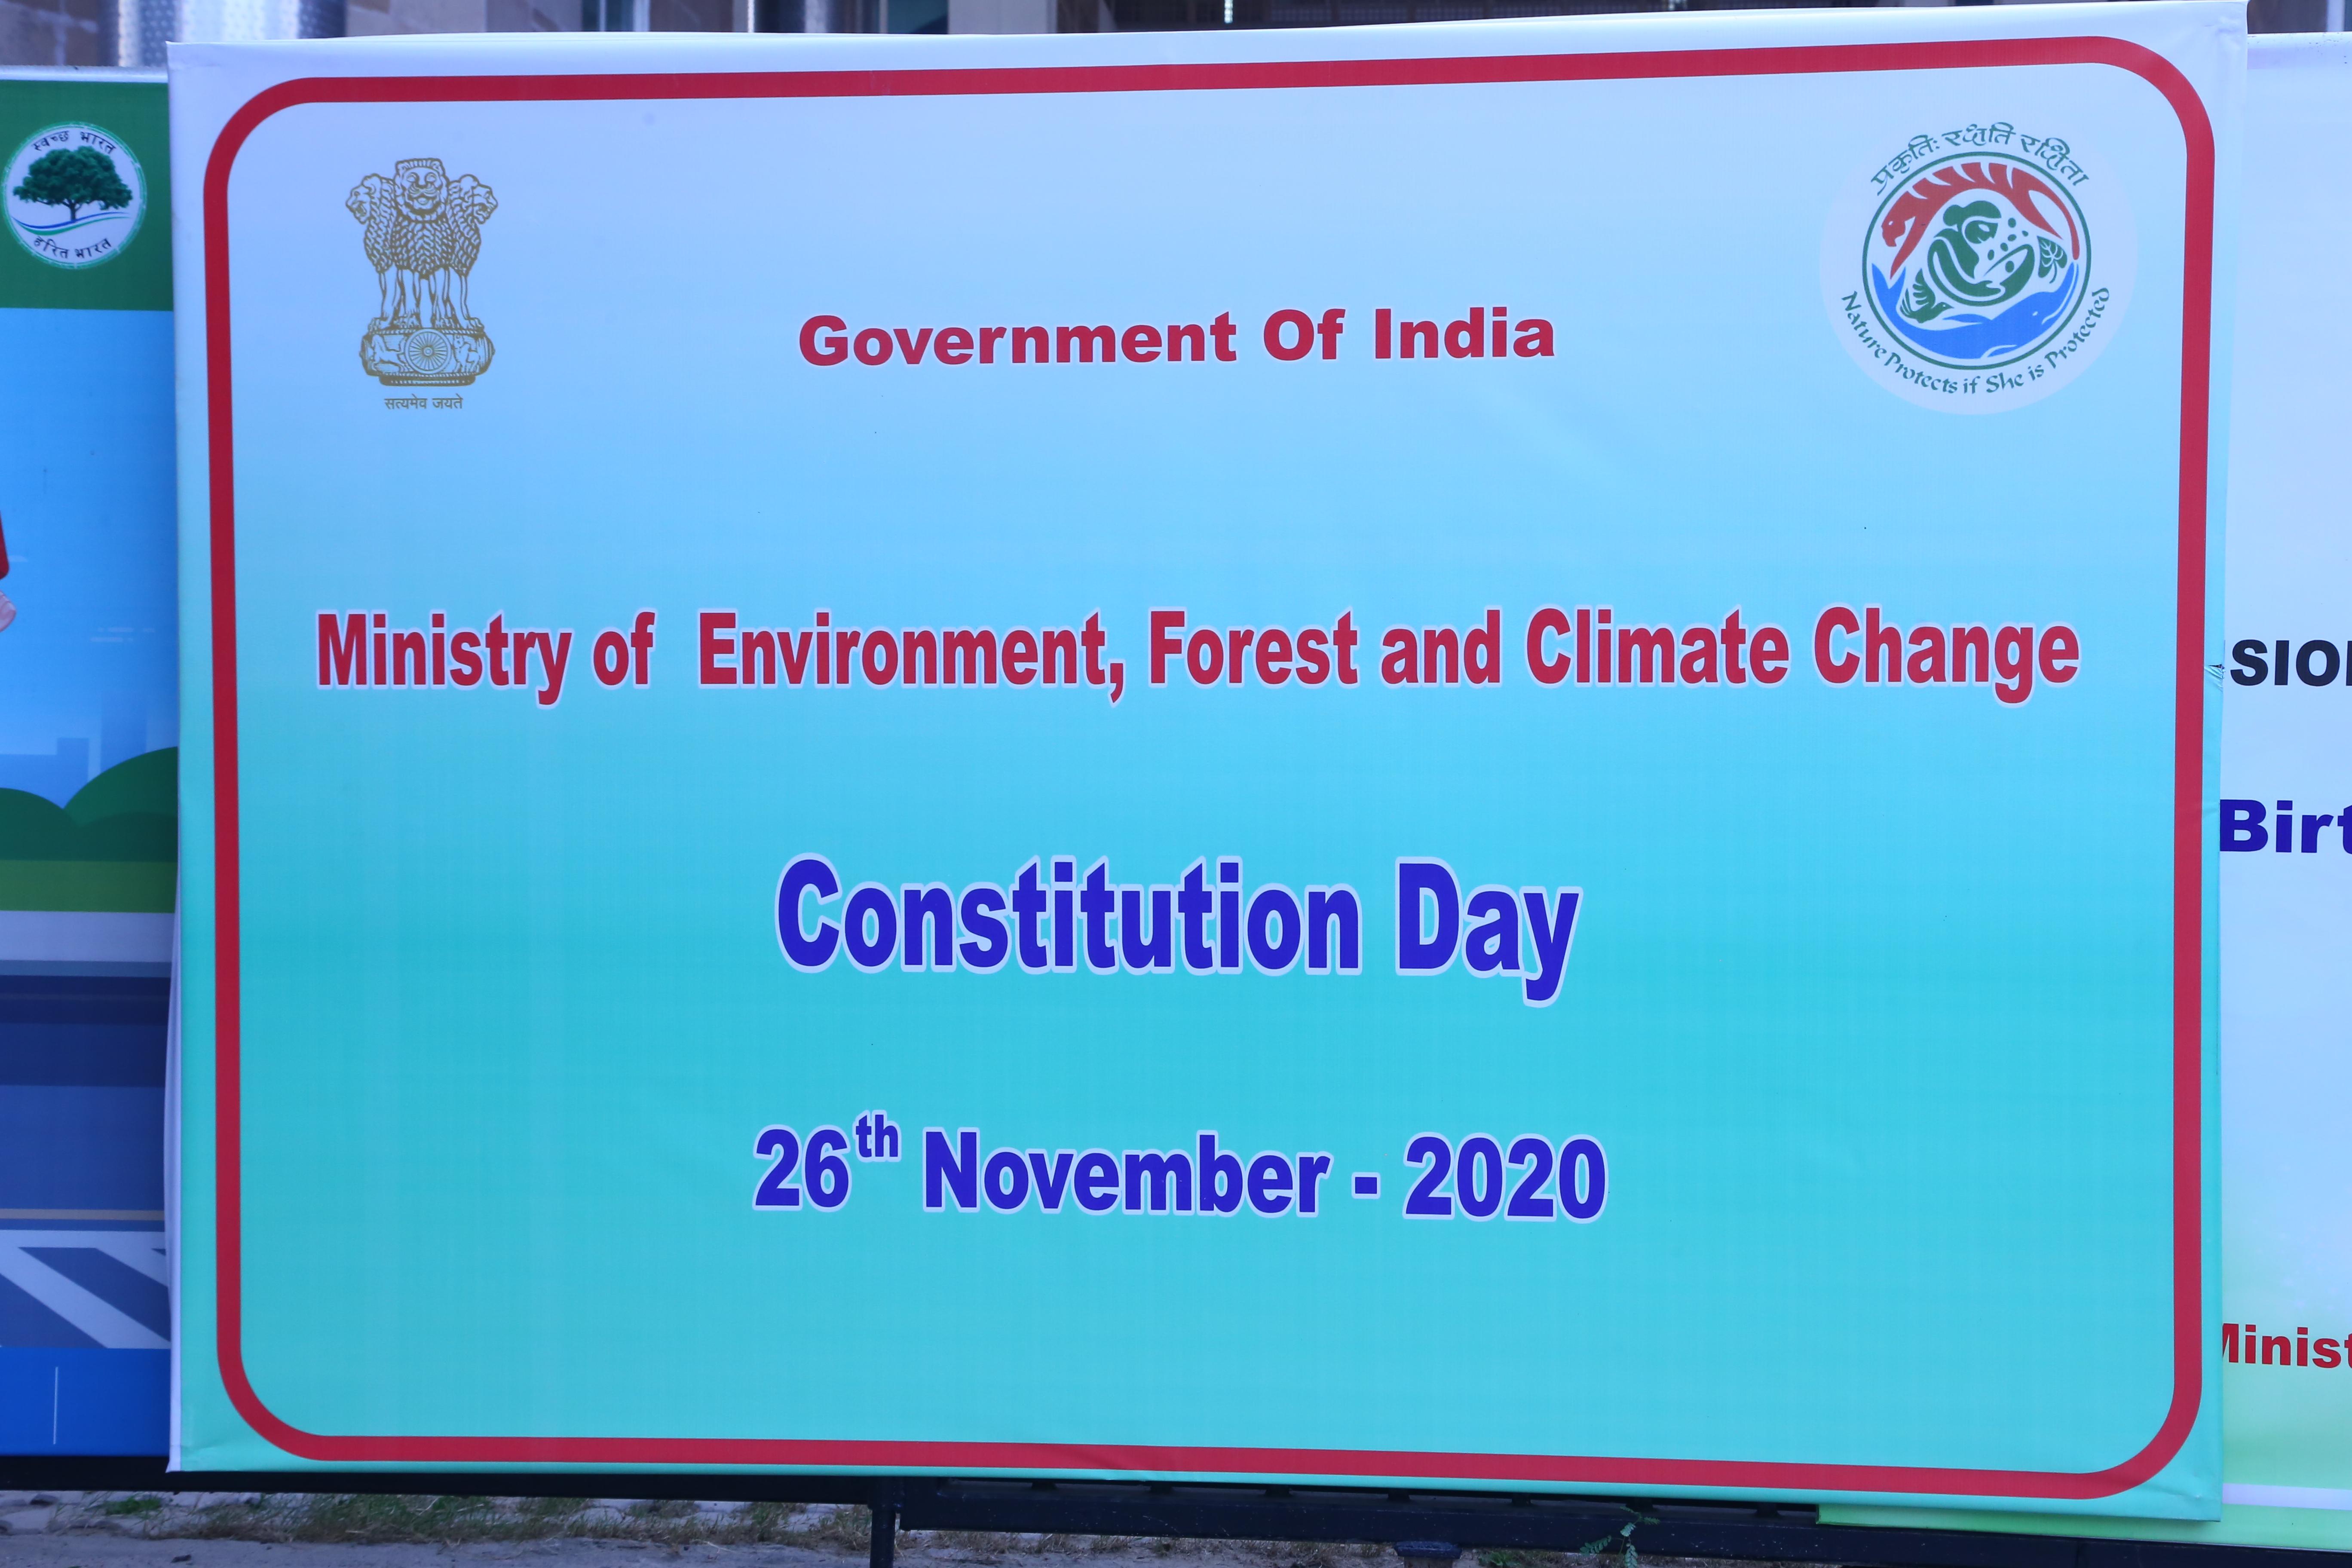 संविधान दिवस 2020 की छवि